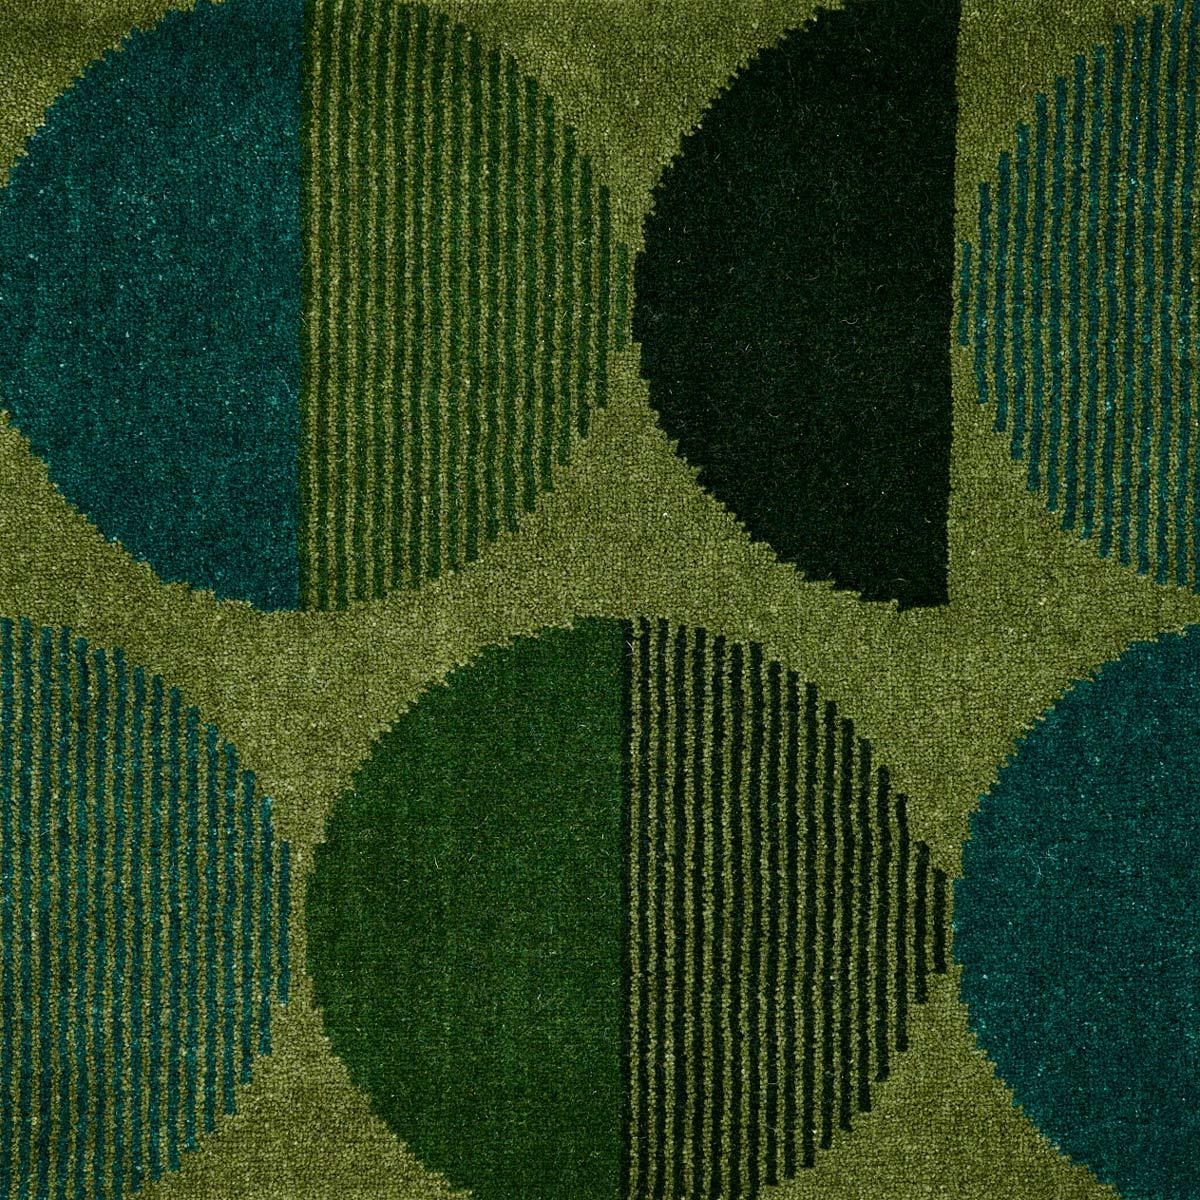 cookies_wool-botanical-silk_wilton-broadloom_patterson-flynn-martin_pfm